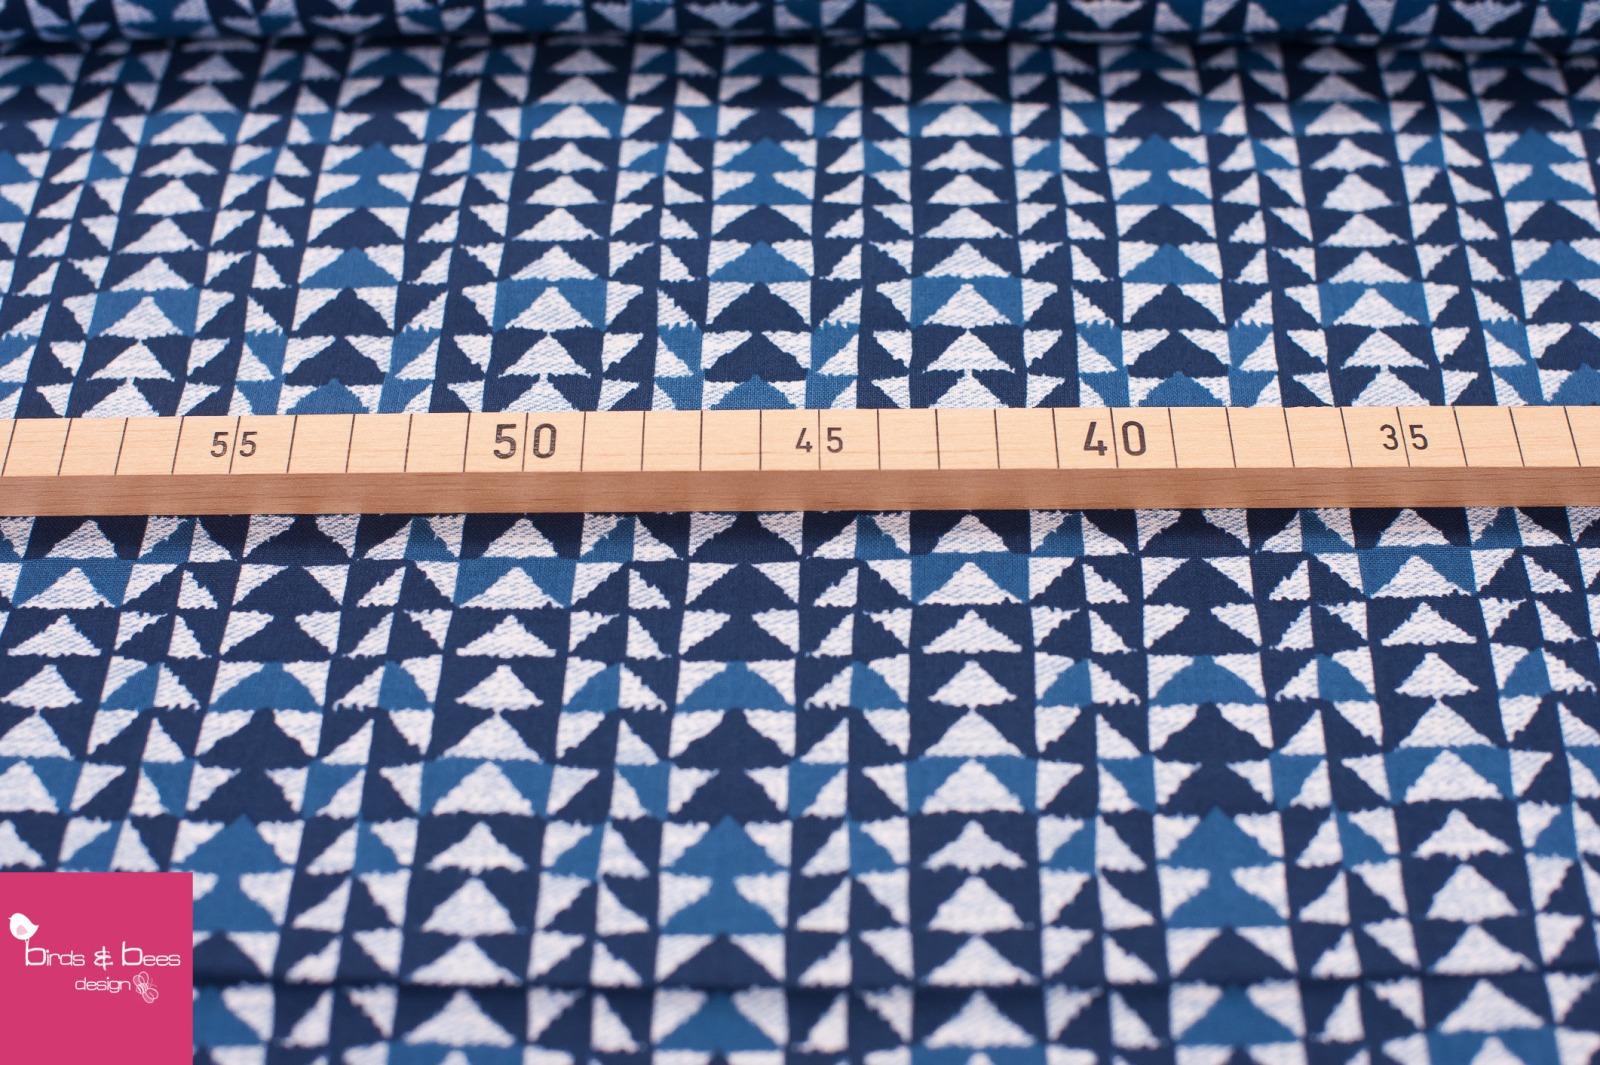 Wove it or weave it wove